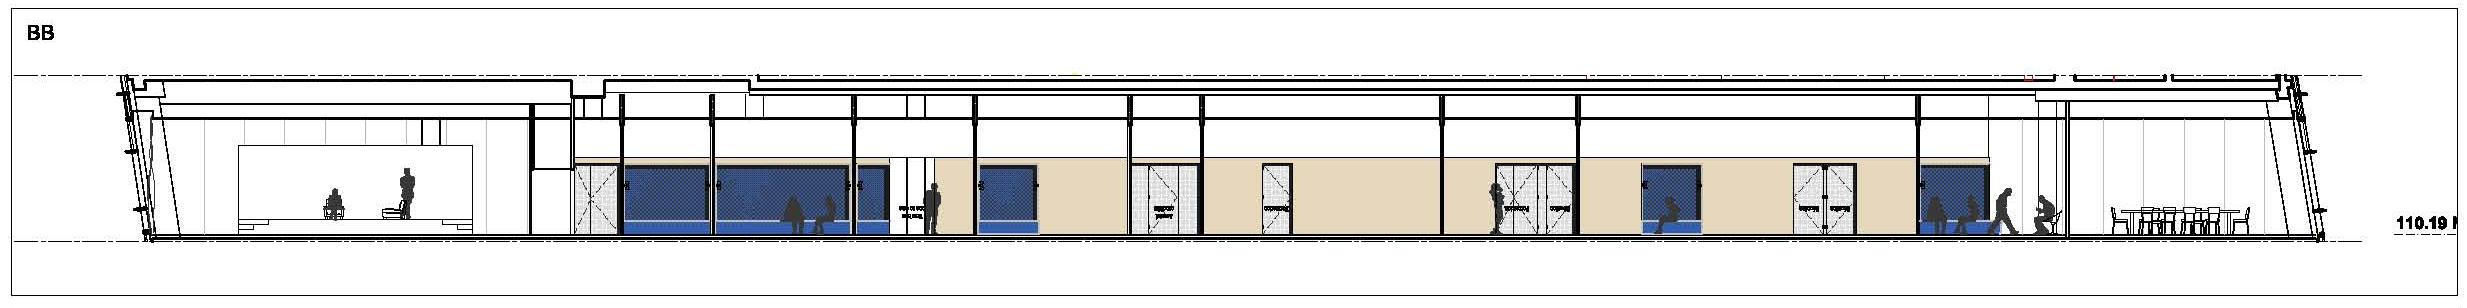 Pieces graphiques et plans_Page_04 ok